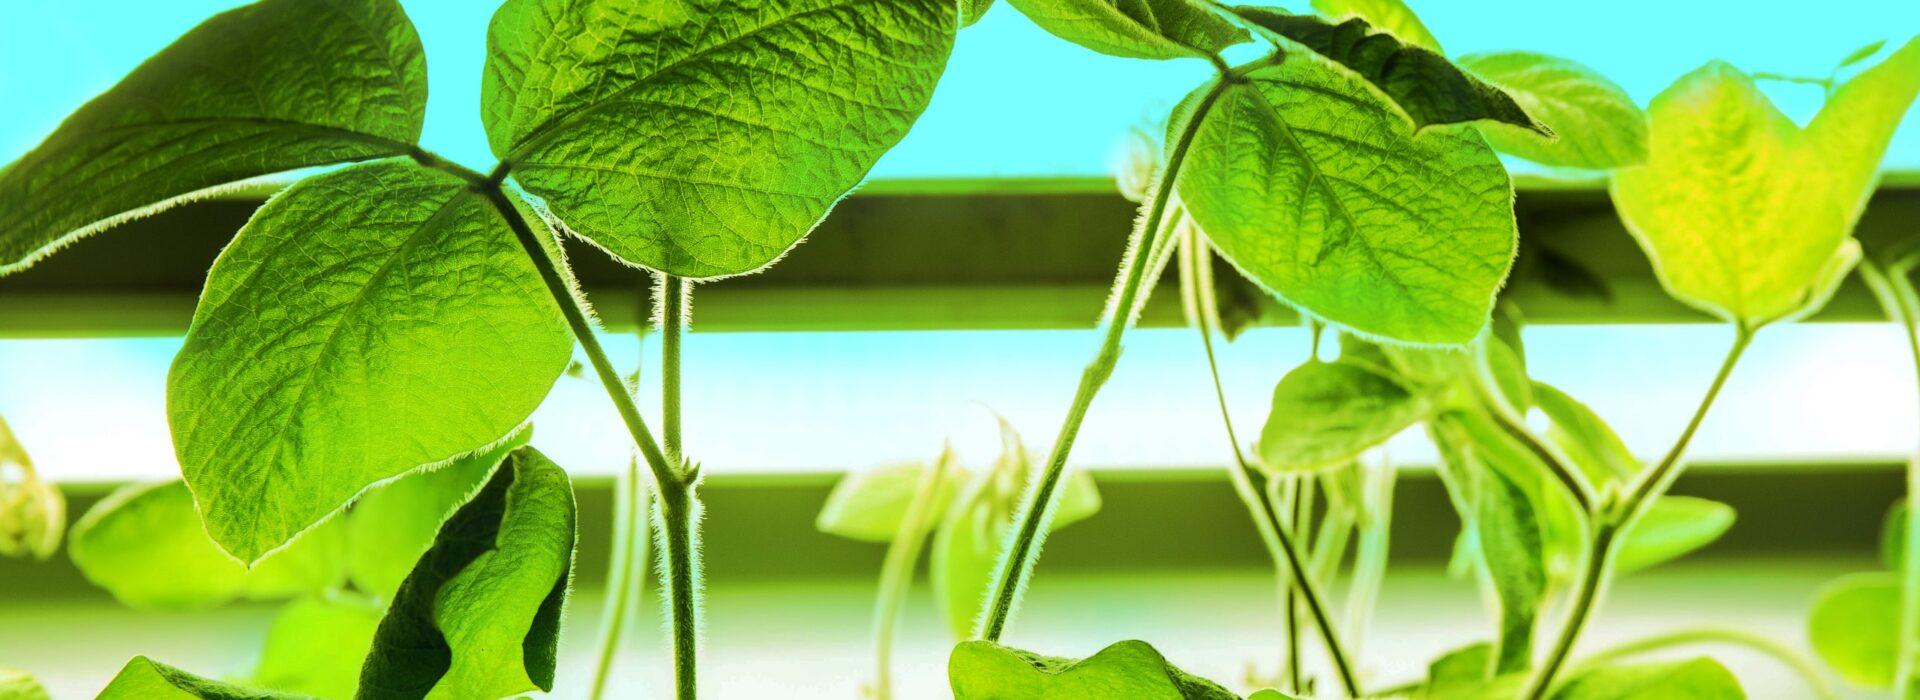 La technologie vise à réduire le stress hydrique des plantes comme le soja.